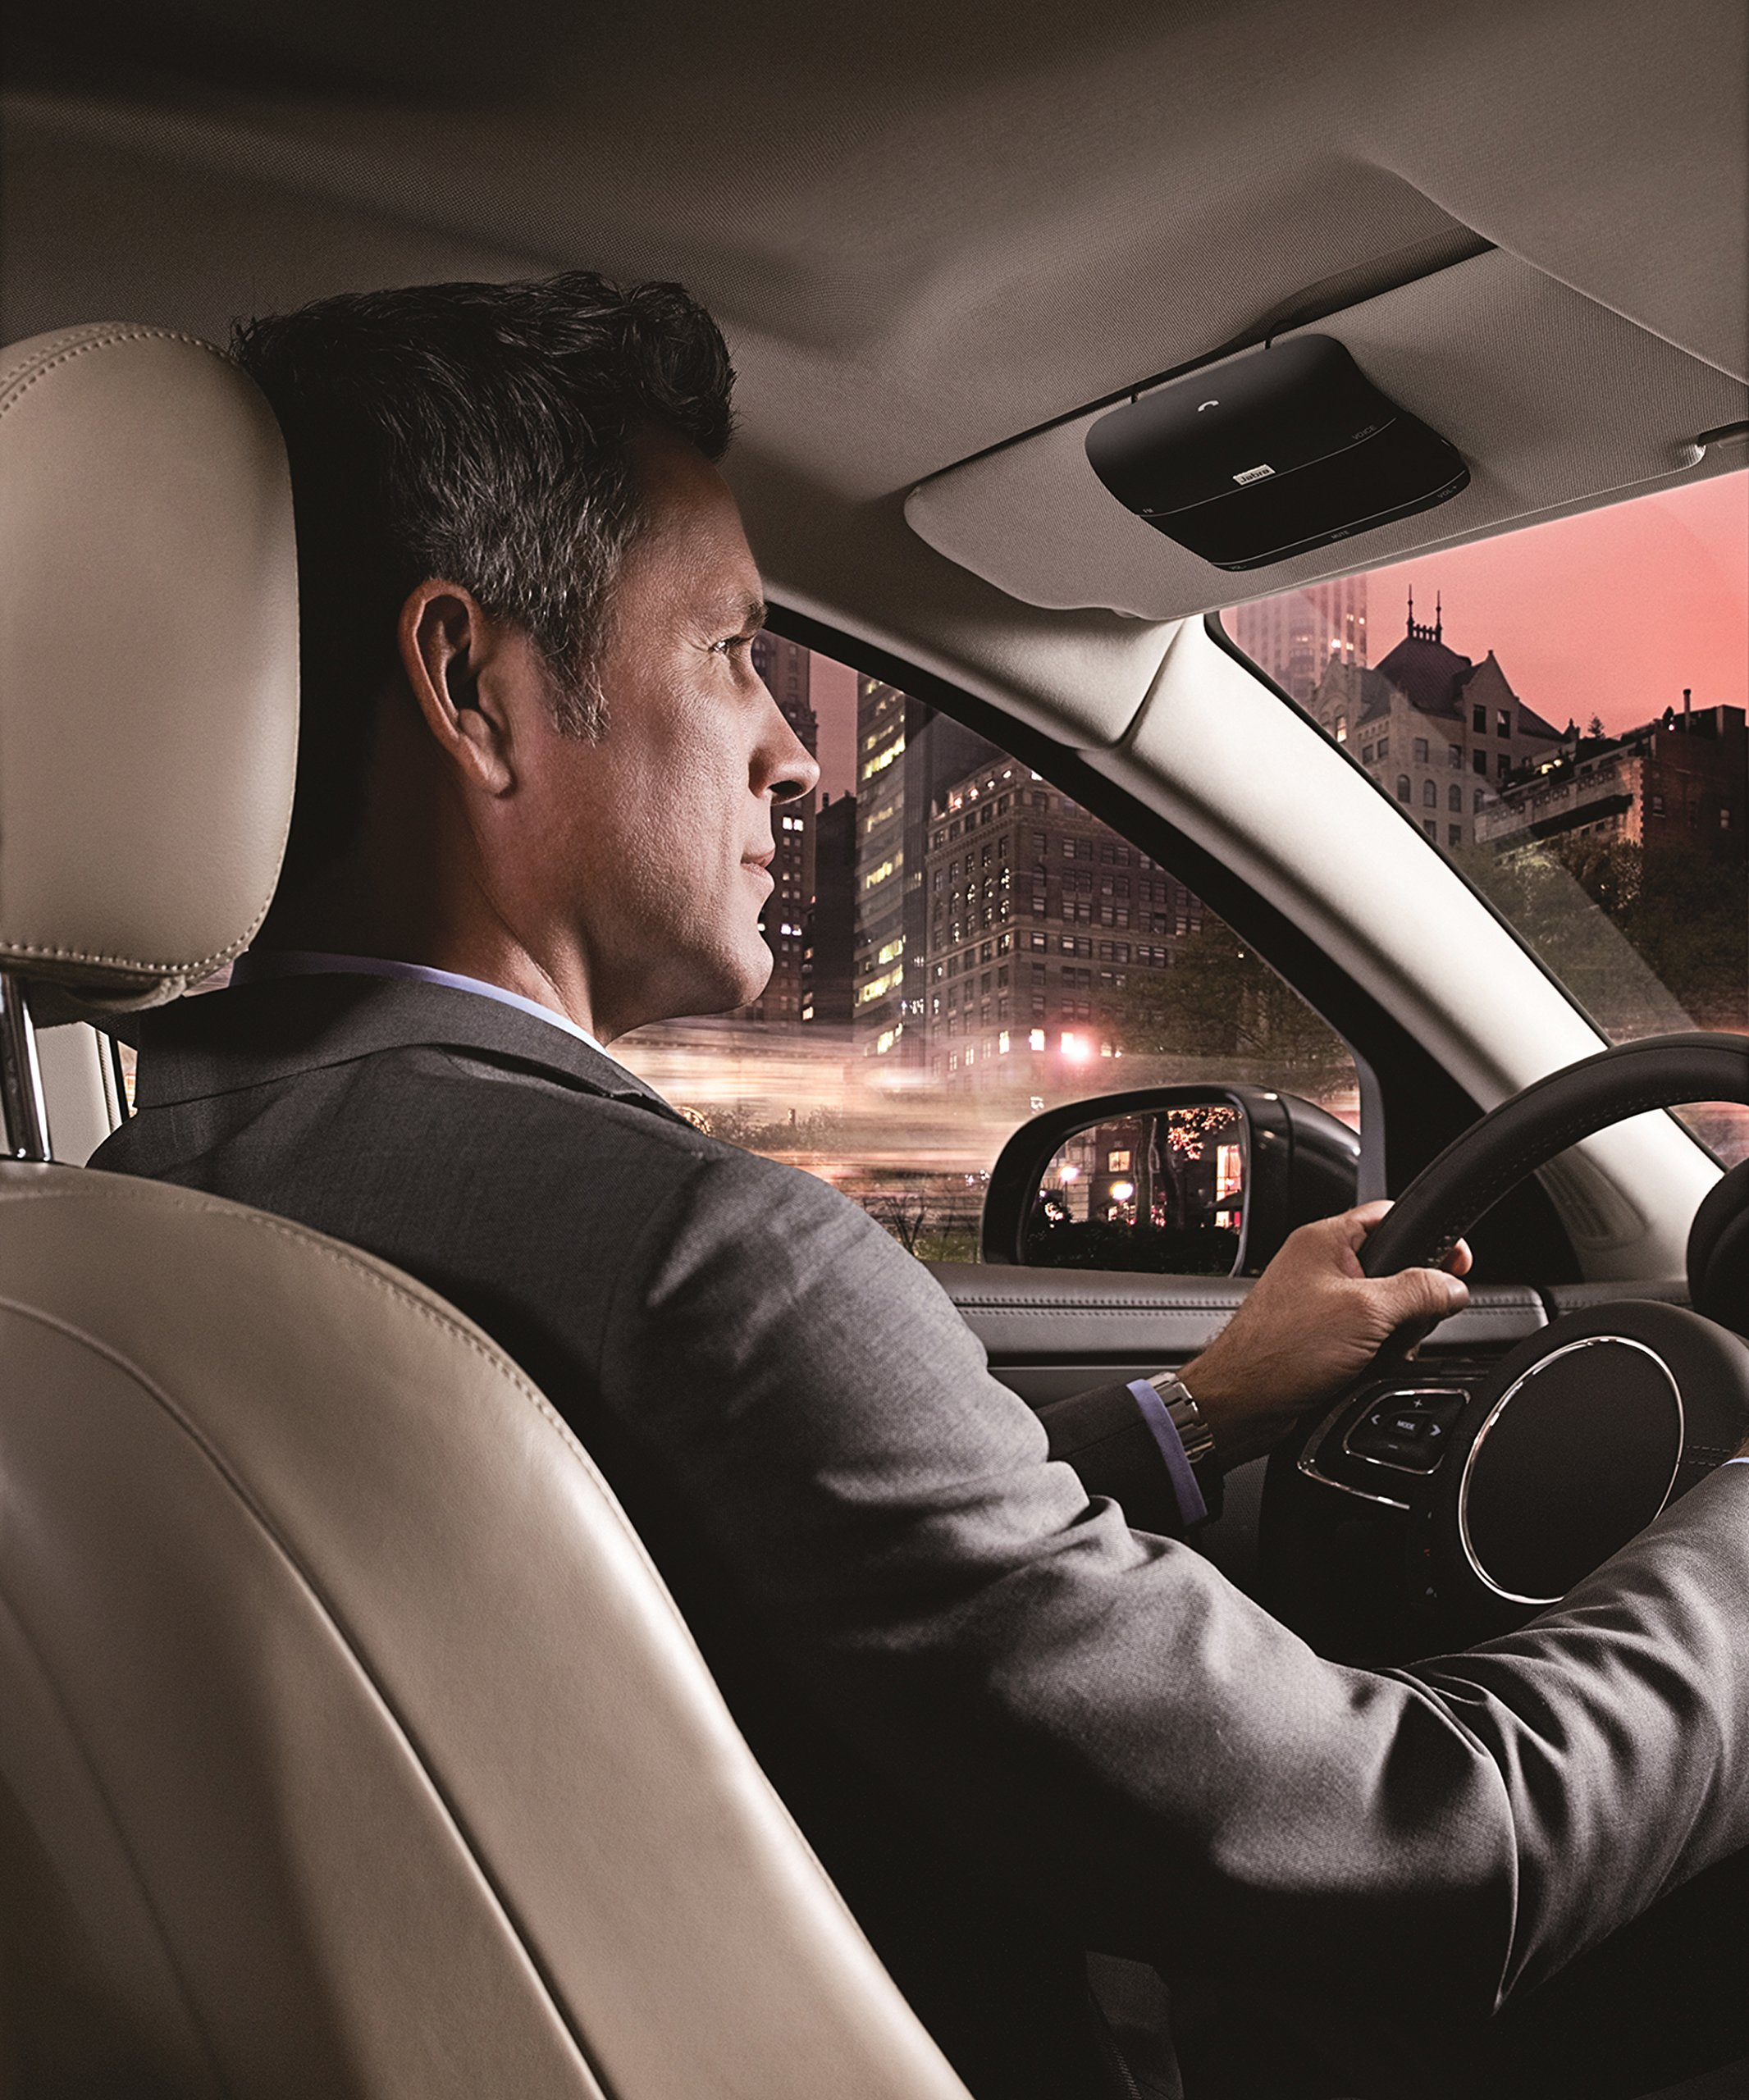 Jabra Freeway Bluetooth in-Car Speakerphone (U.S. Retail Packaging) by Jabra (Image #5)